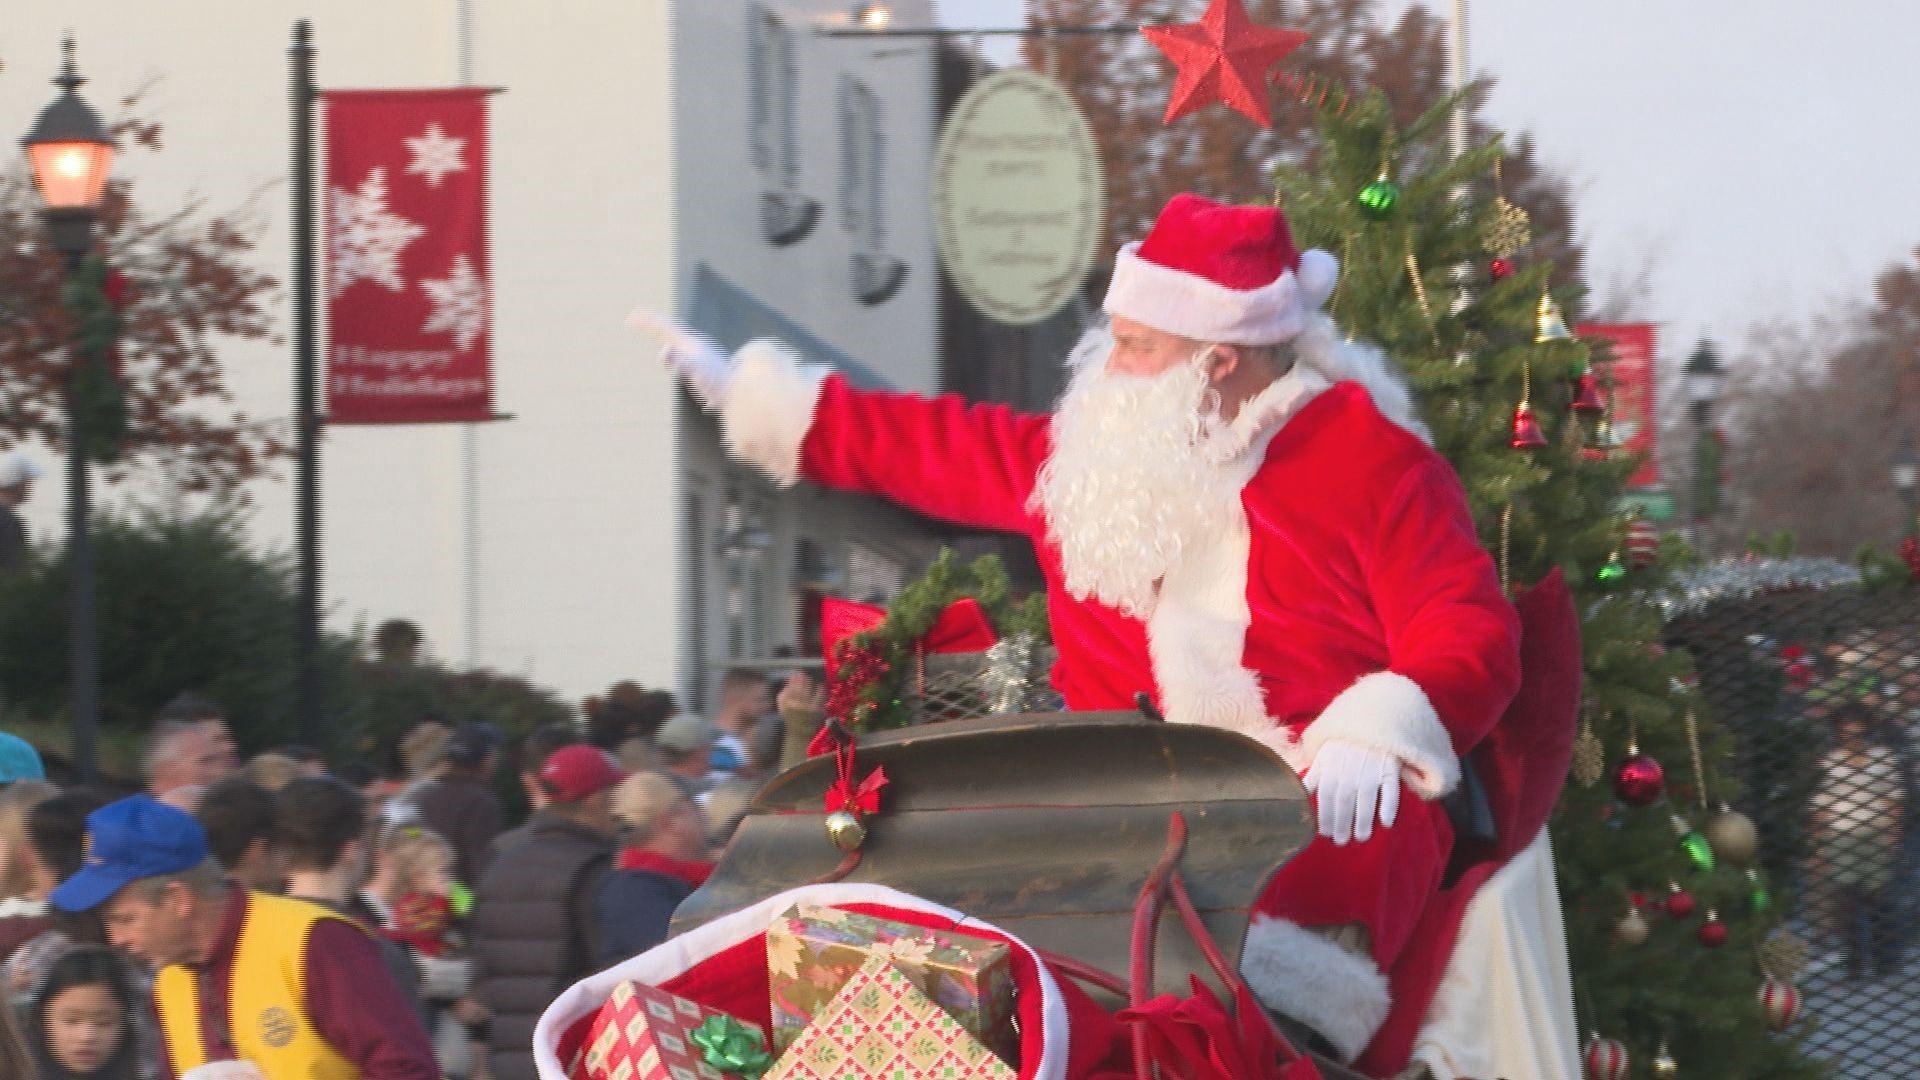 Roledo Christmas Parade 2021